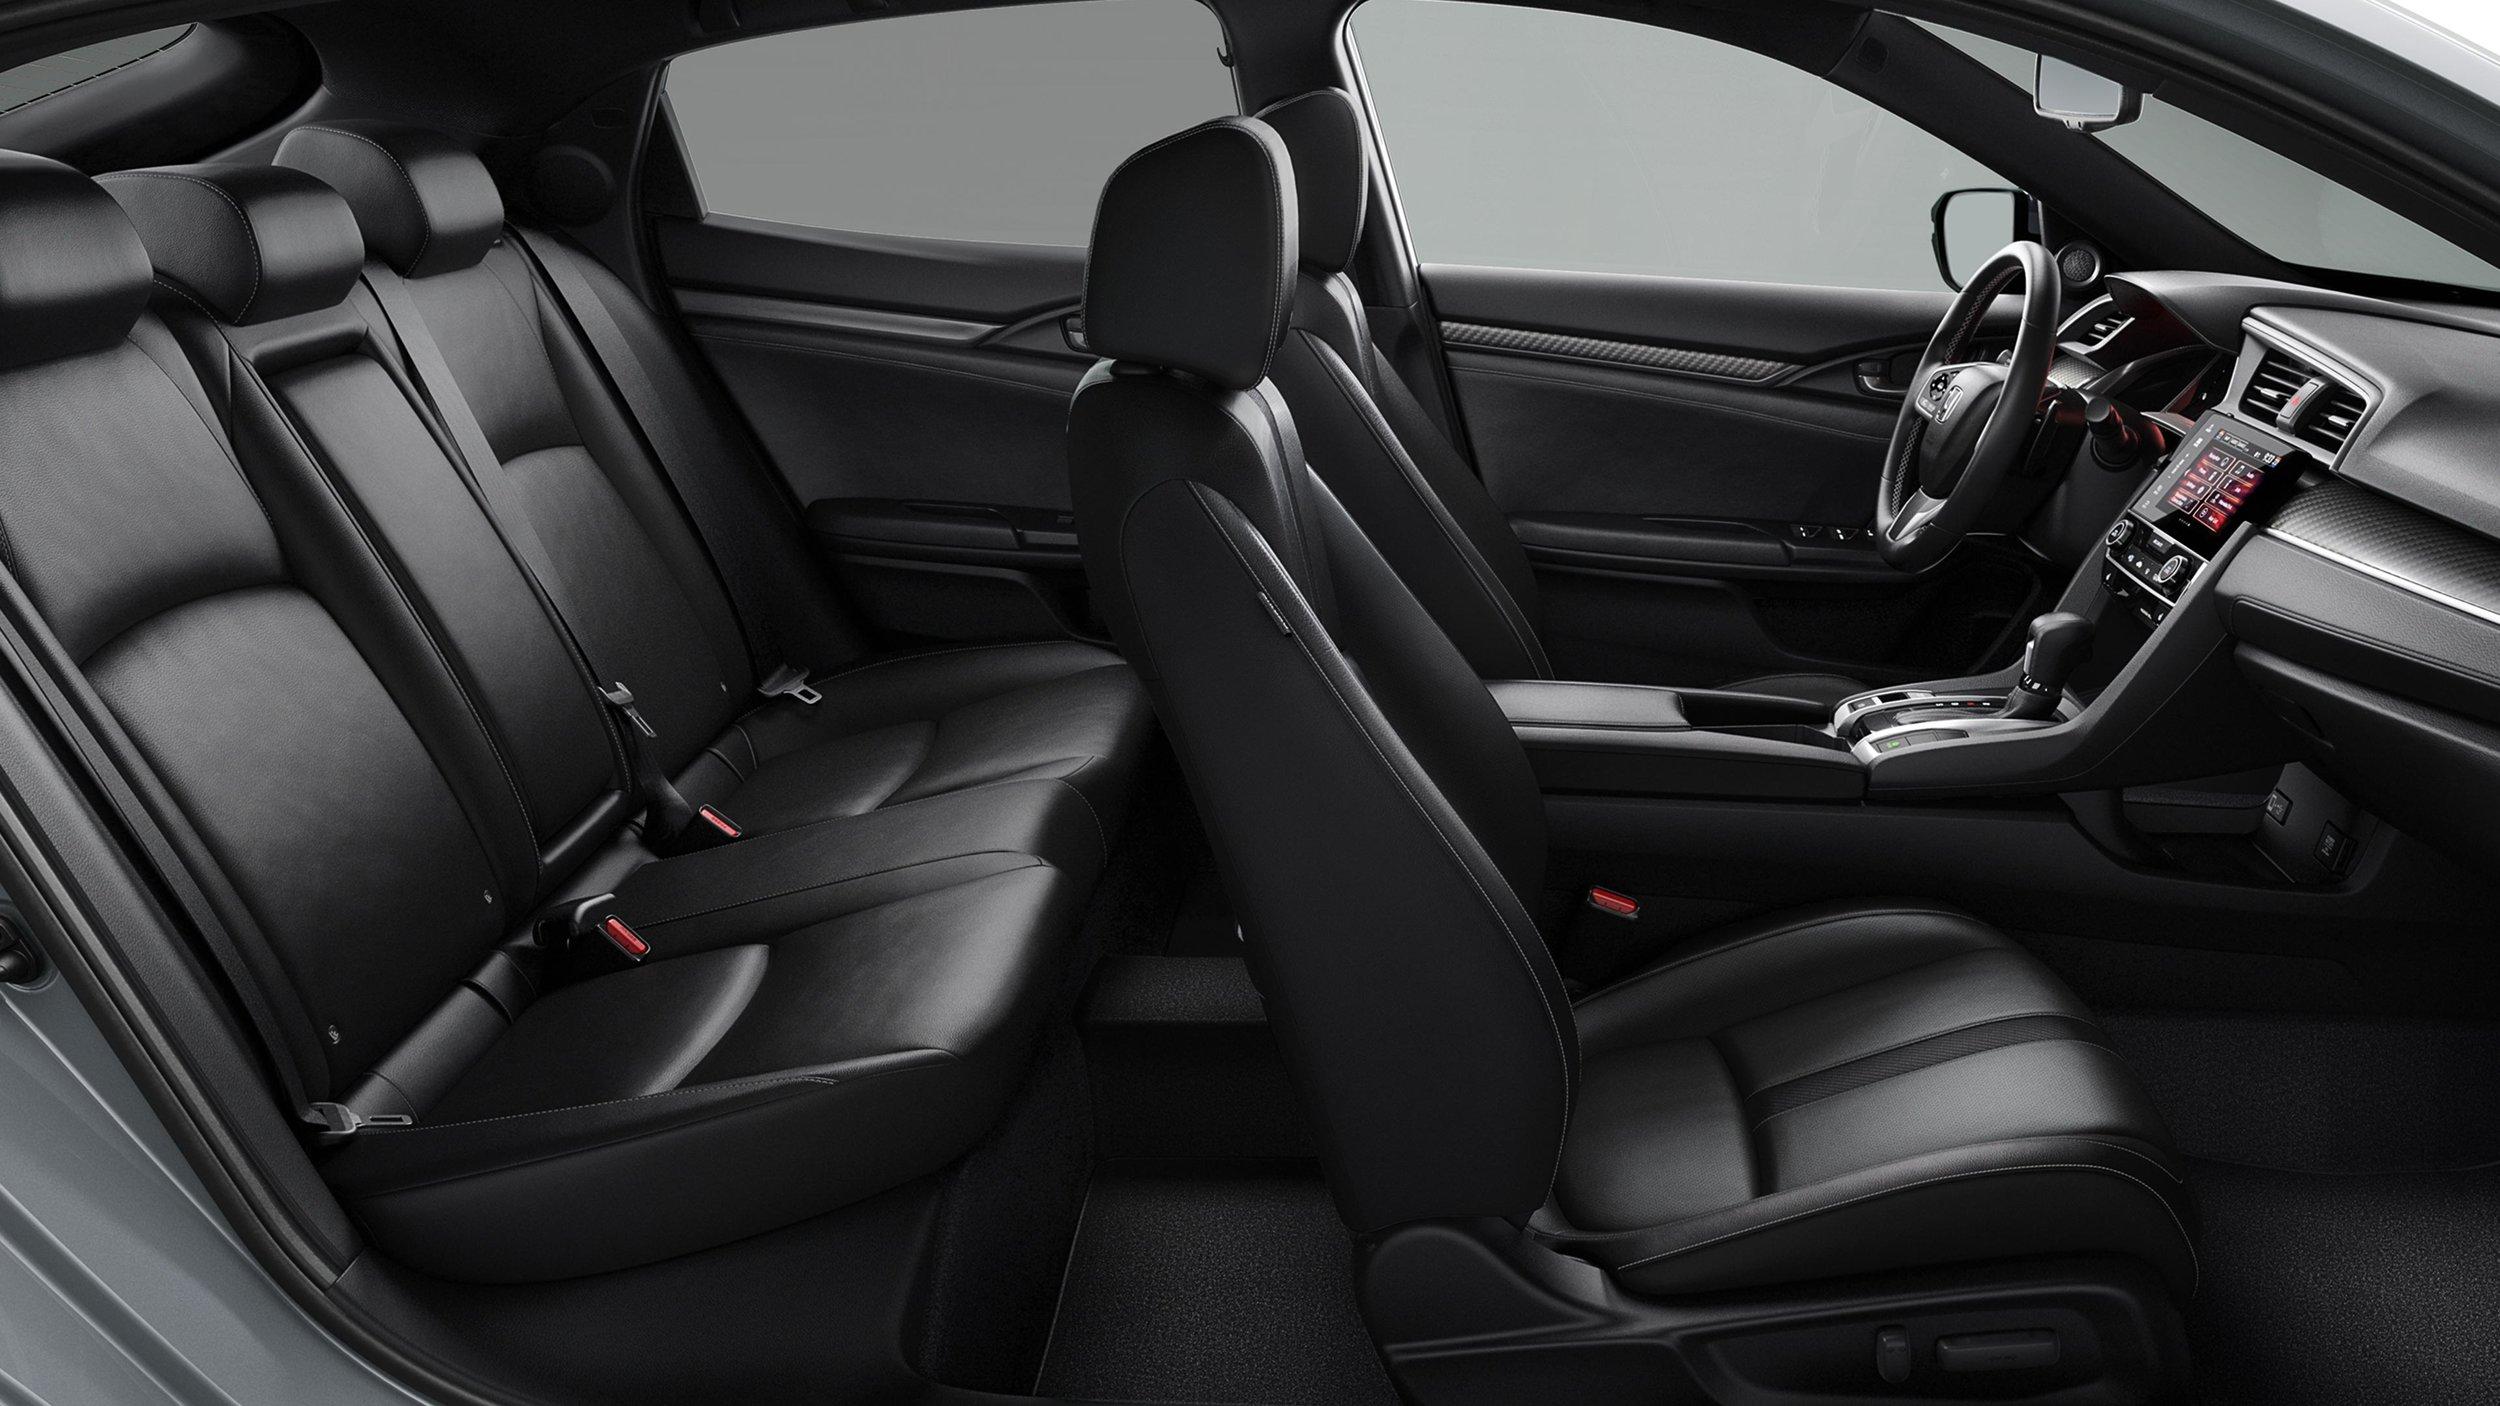 2018 Honda Civic Jennnifer Merrick Modern Mississauga Media 9 (2).jpg